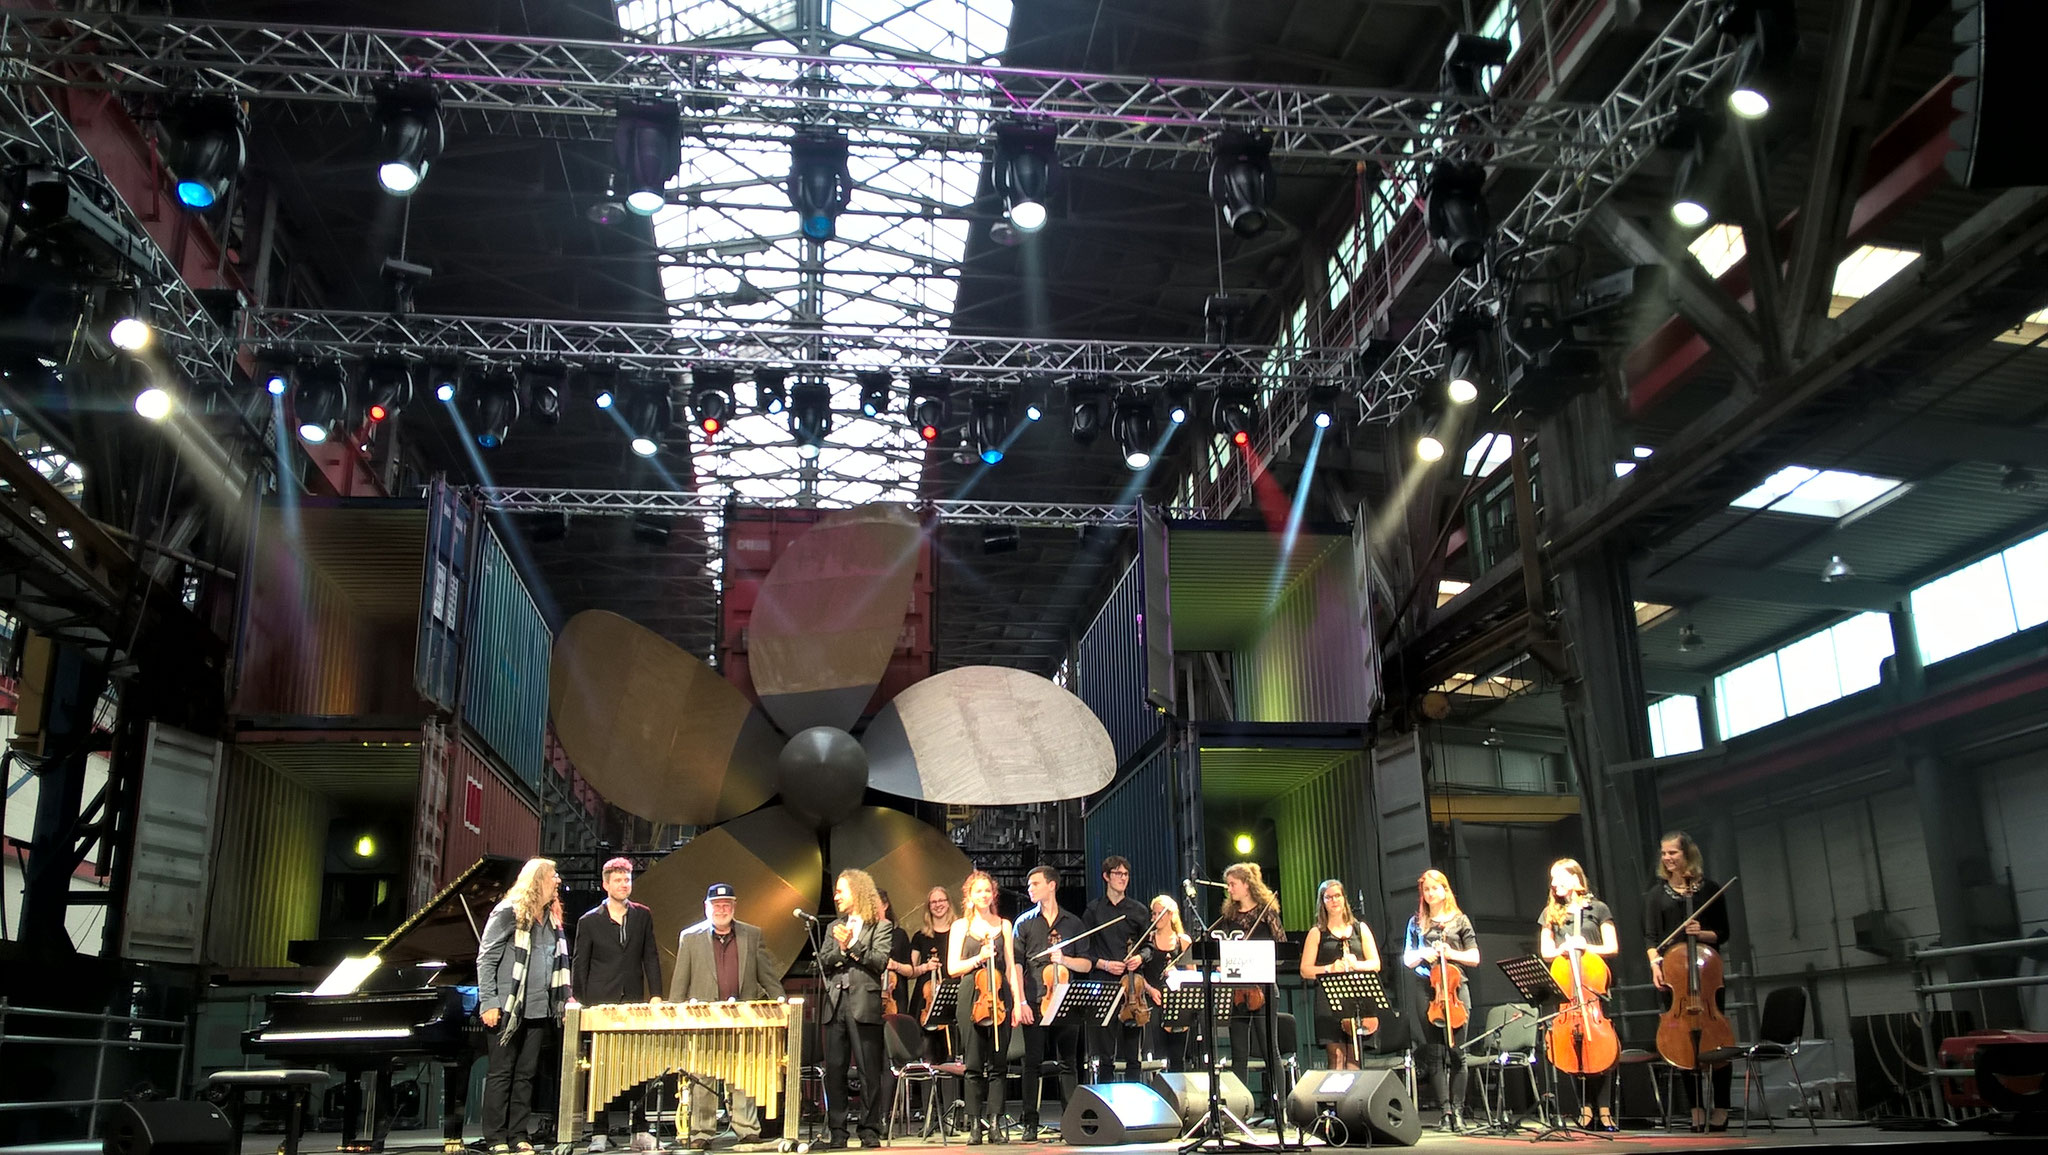 Wolfgang Schlüter spielte auf der Preisverleihung des Hamburger Jazzpreises gemeinsam mit den Streichern der Jungen Norddeutschen Philharmonie Stücke aus seiner geplanten neuen CD. (Fotocredit: Sabine Bachmann)